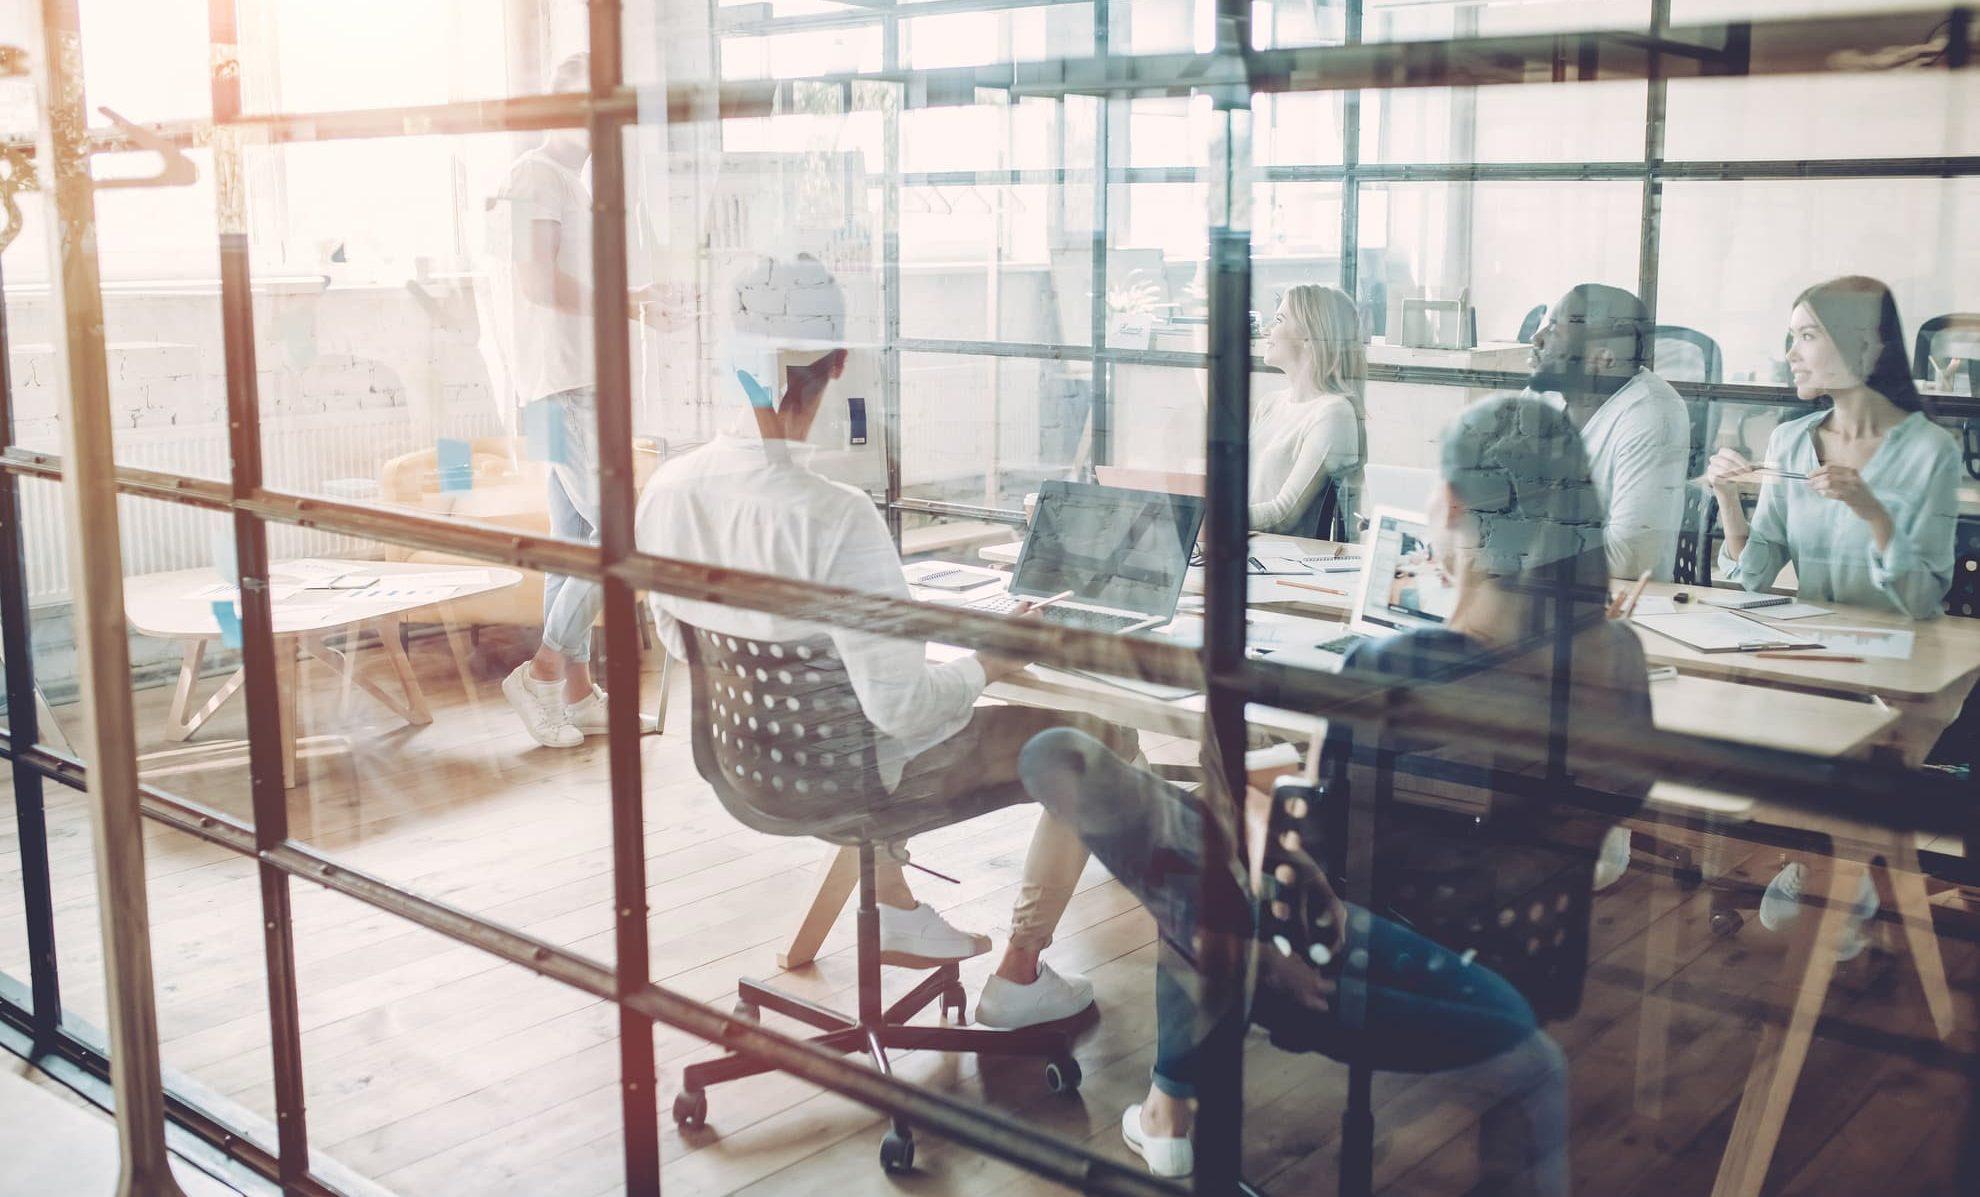 Wendbare productiviteit, groep collega's in werkruimte